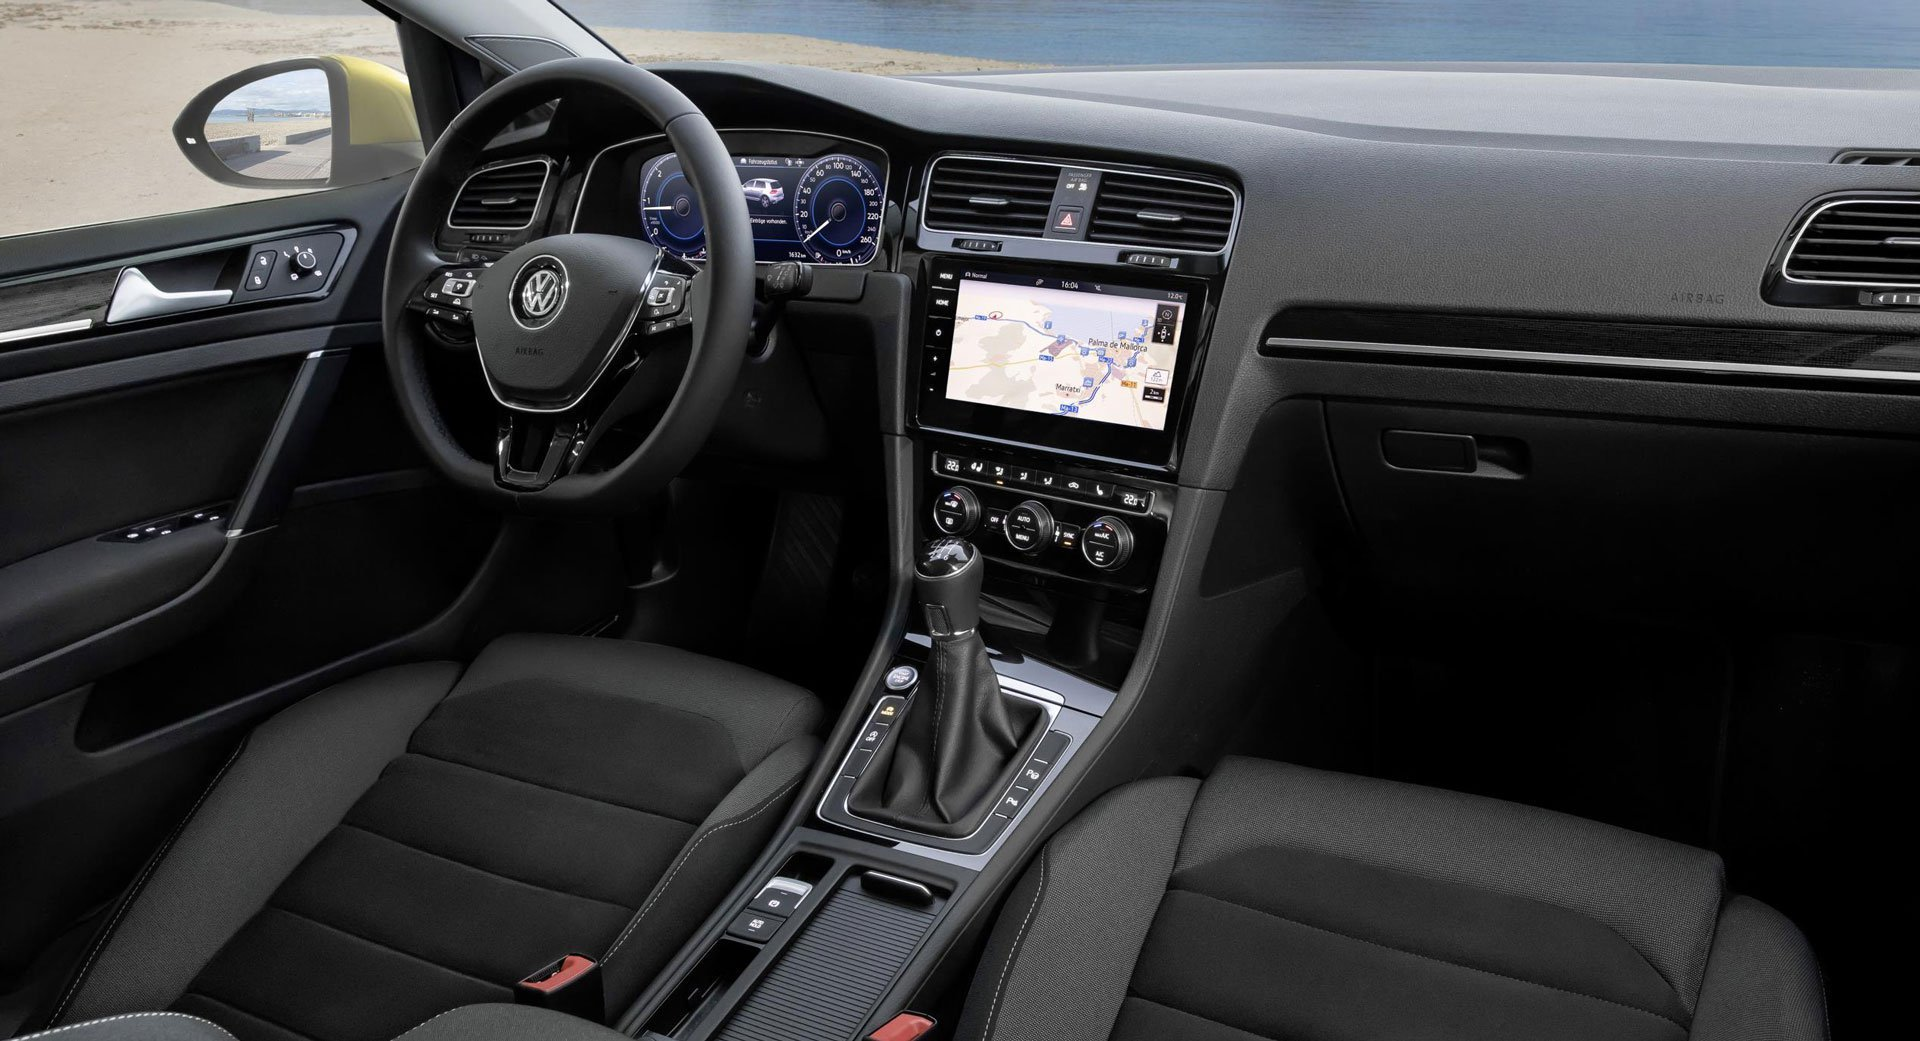 Интерьер Volkswagen Golf раскрыт: больше никаких рендеров